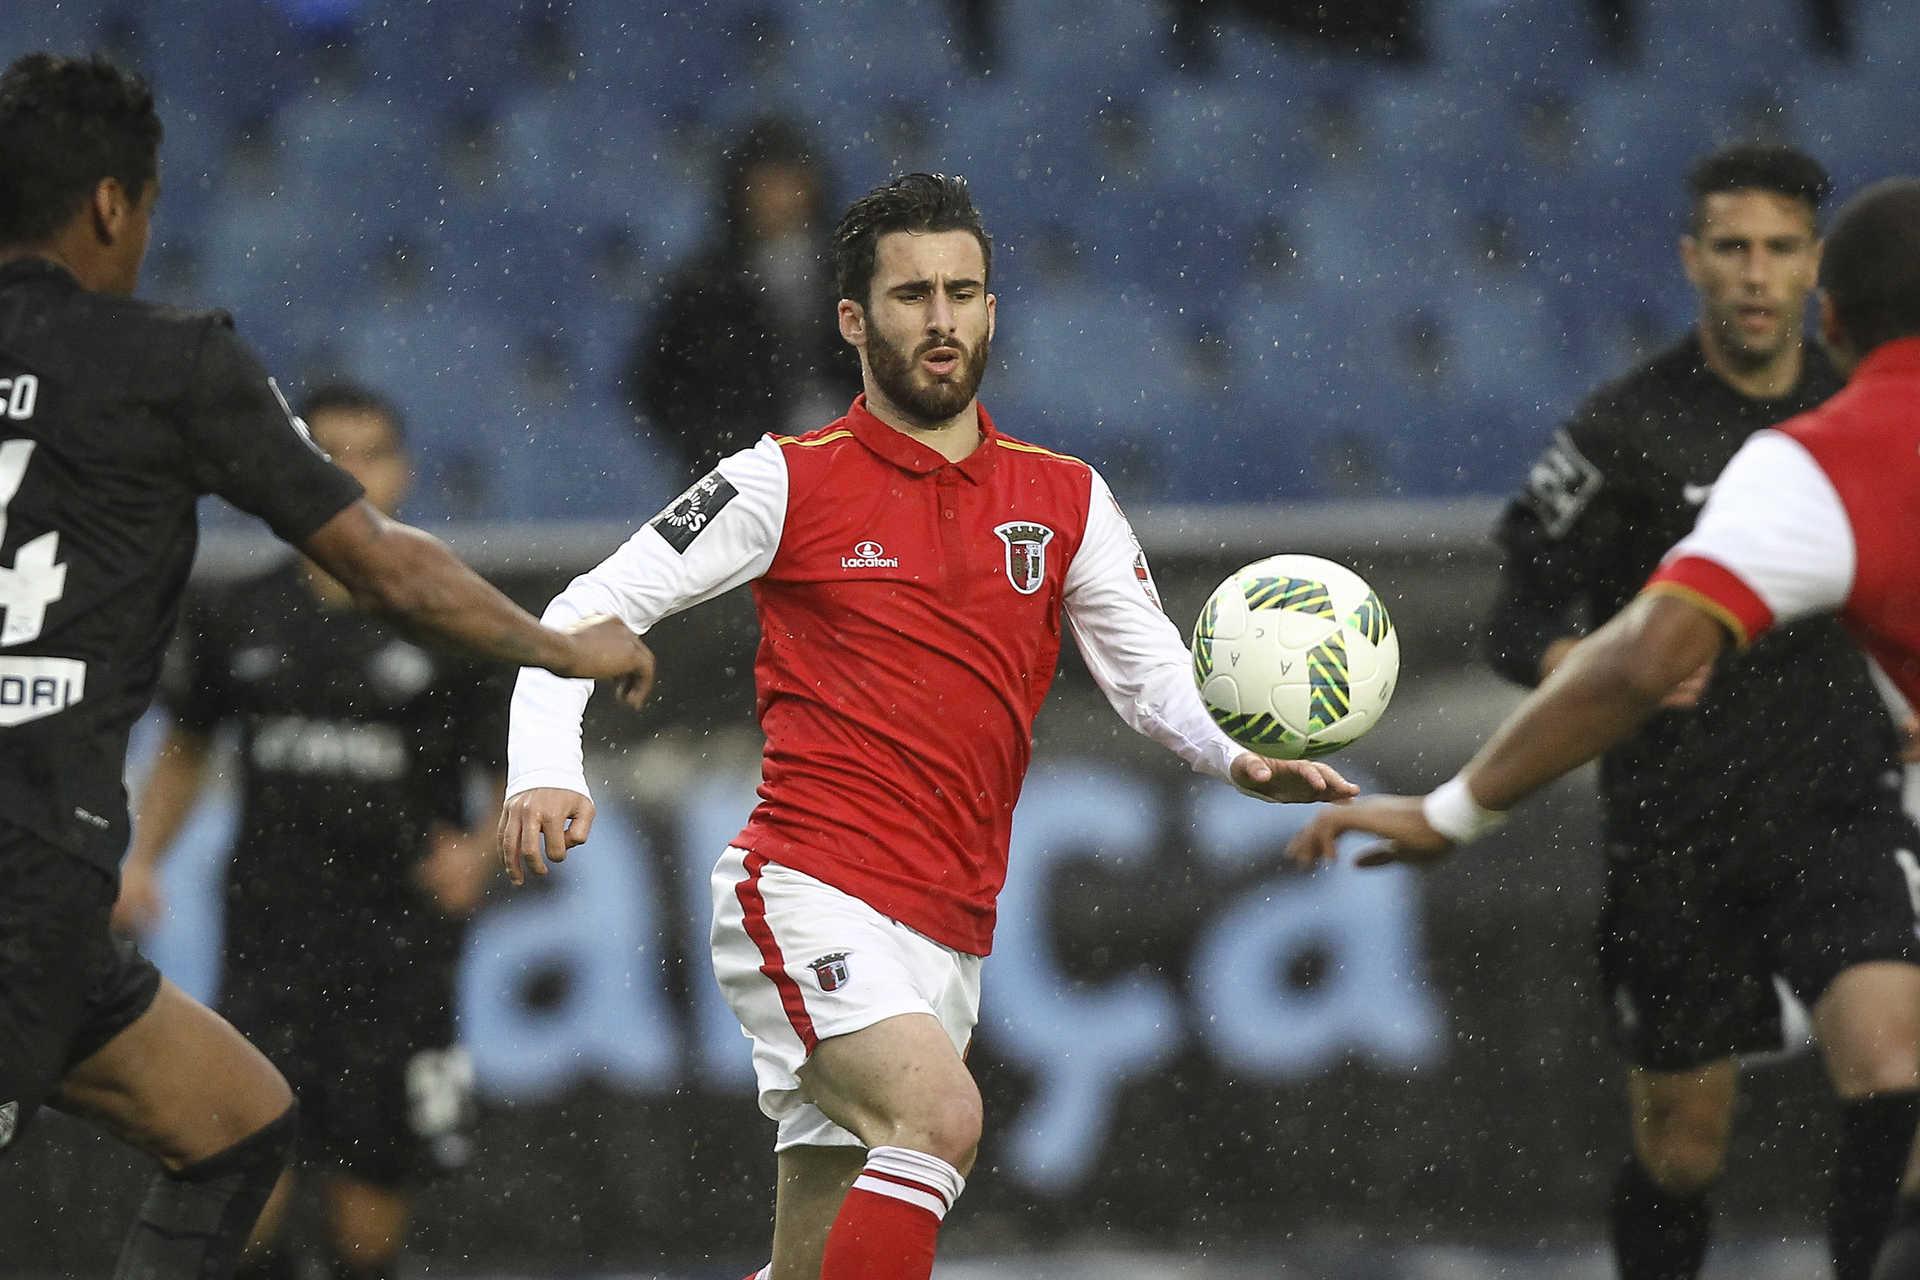 Jogos da liga portuguesa